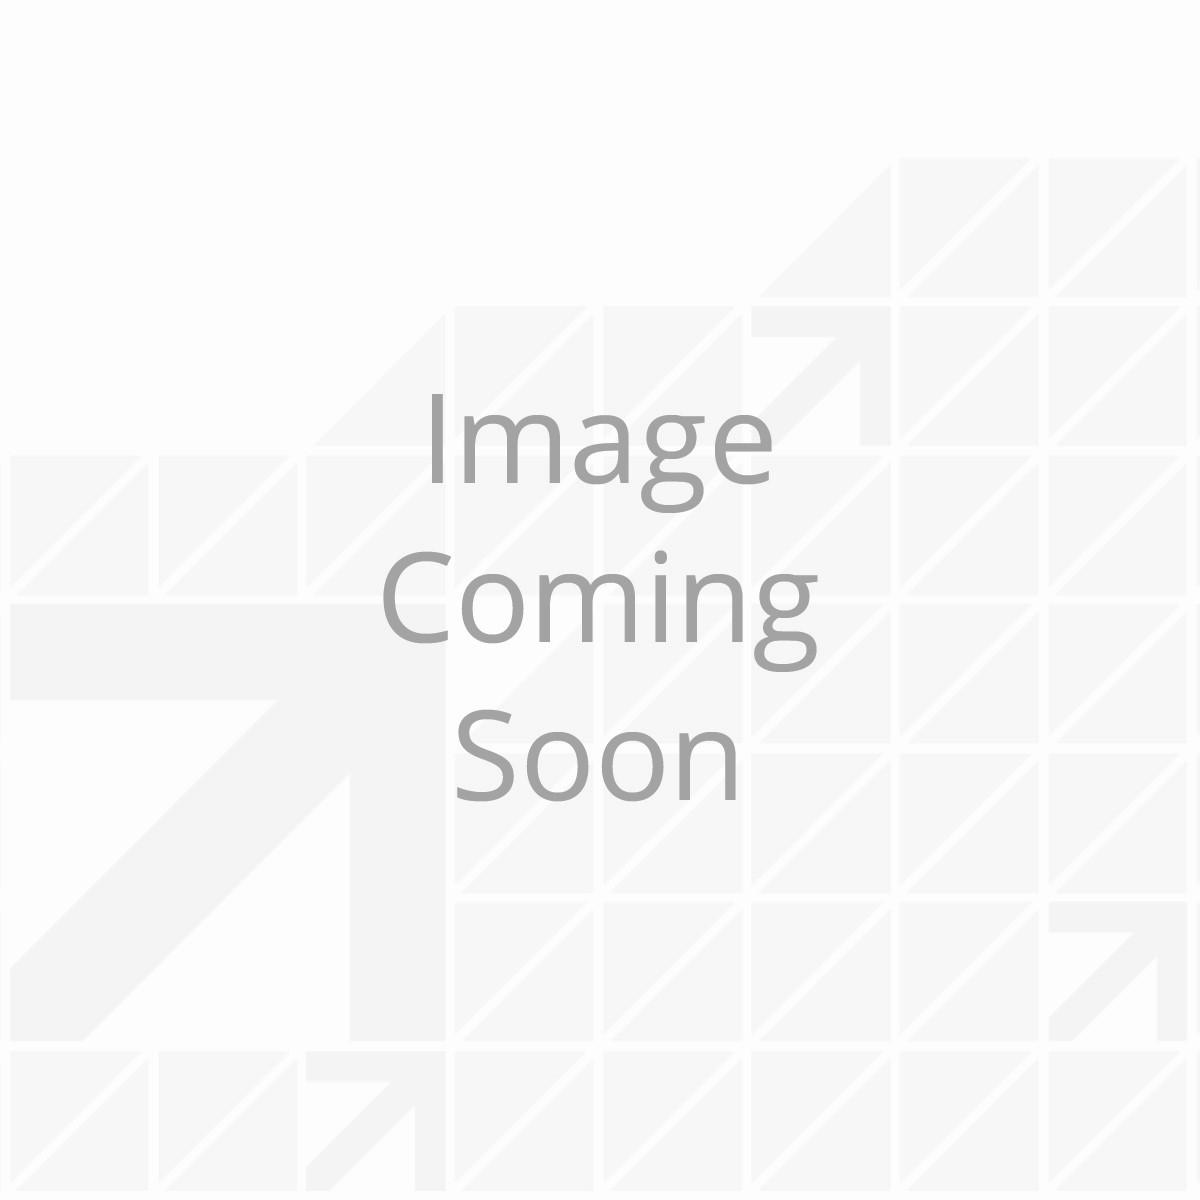 motorstepmodule-164889-large